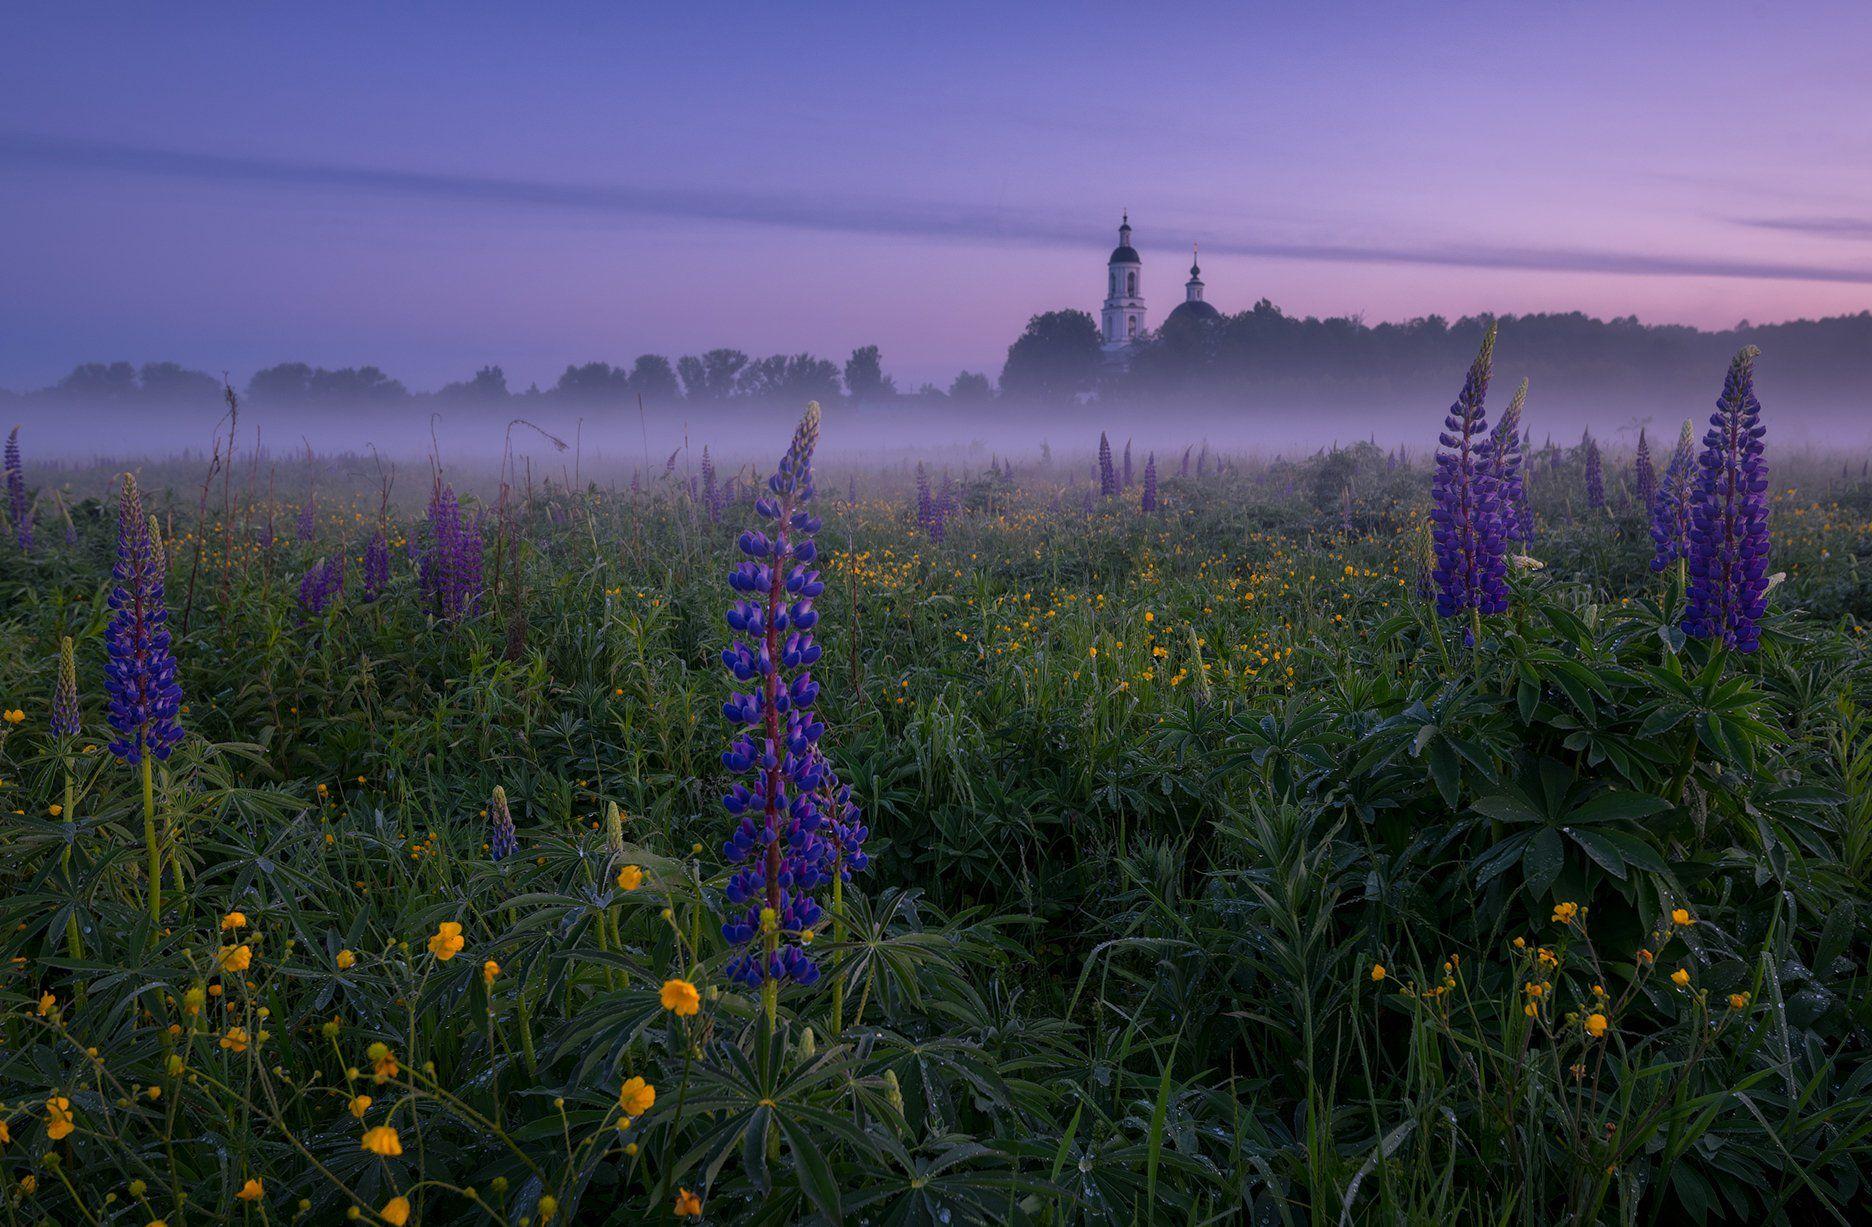 утро, рассвет, природа, туман, филипповское, Левыкин Виталий